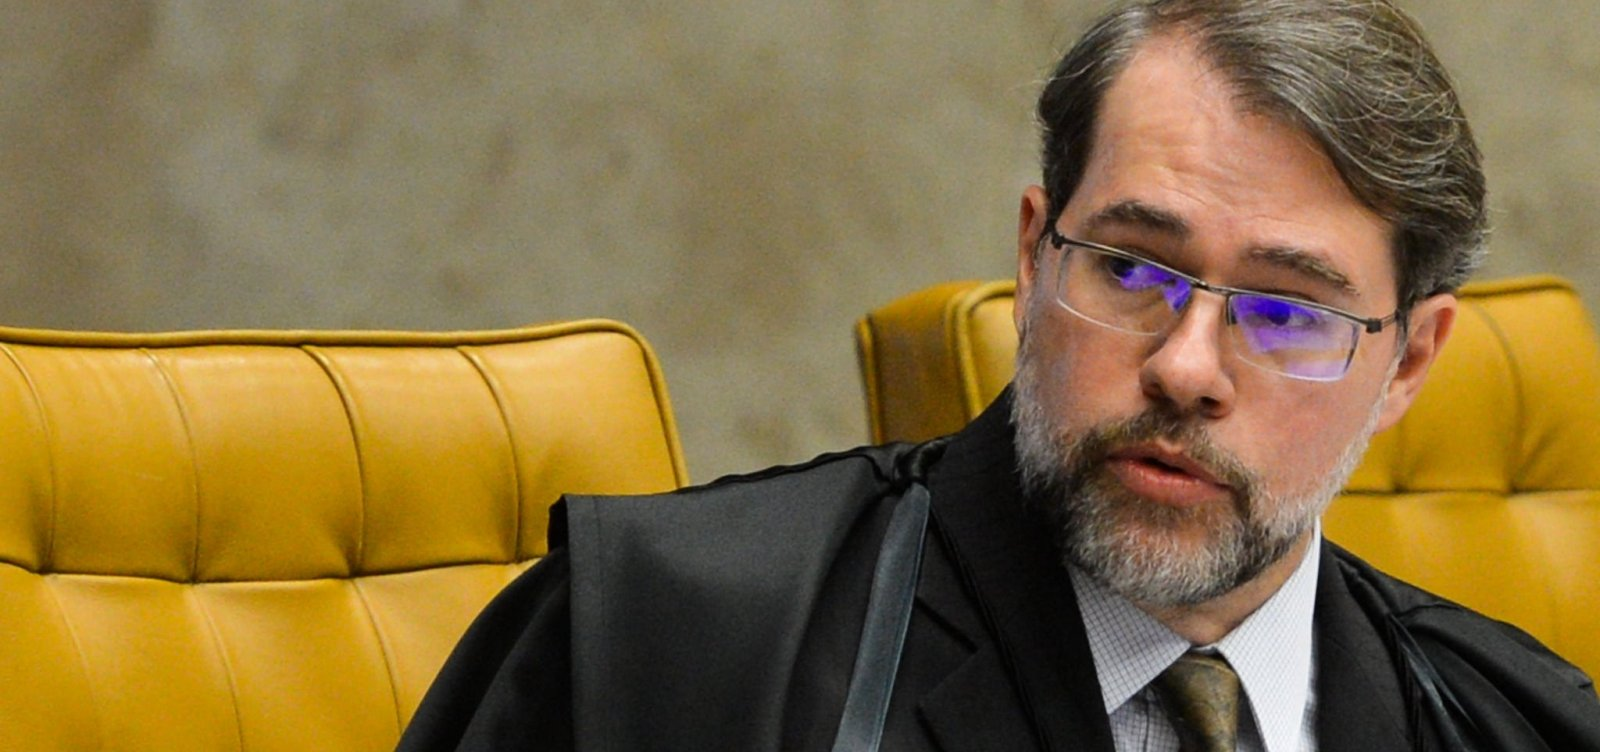 Presidente interino, Toffoli sanciona lei que criminaliza importunação sexual